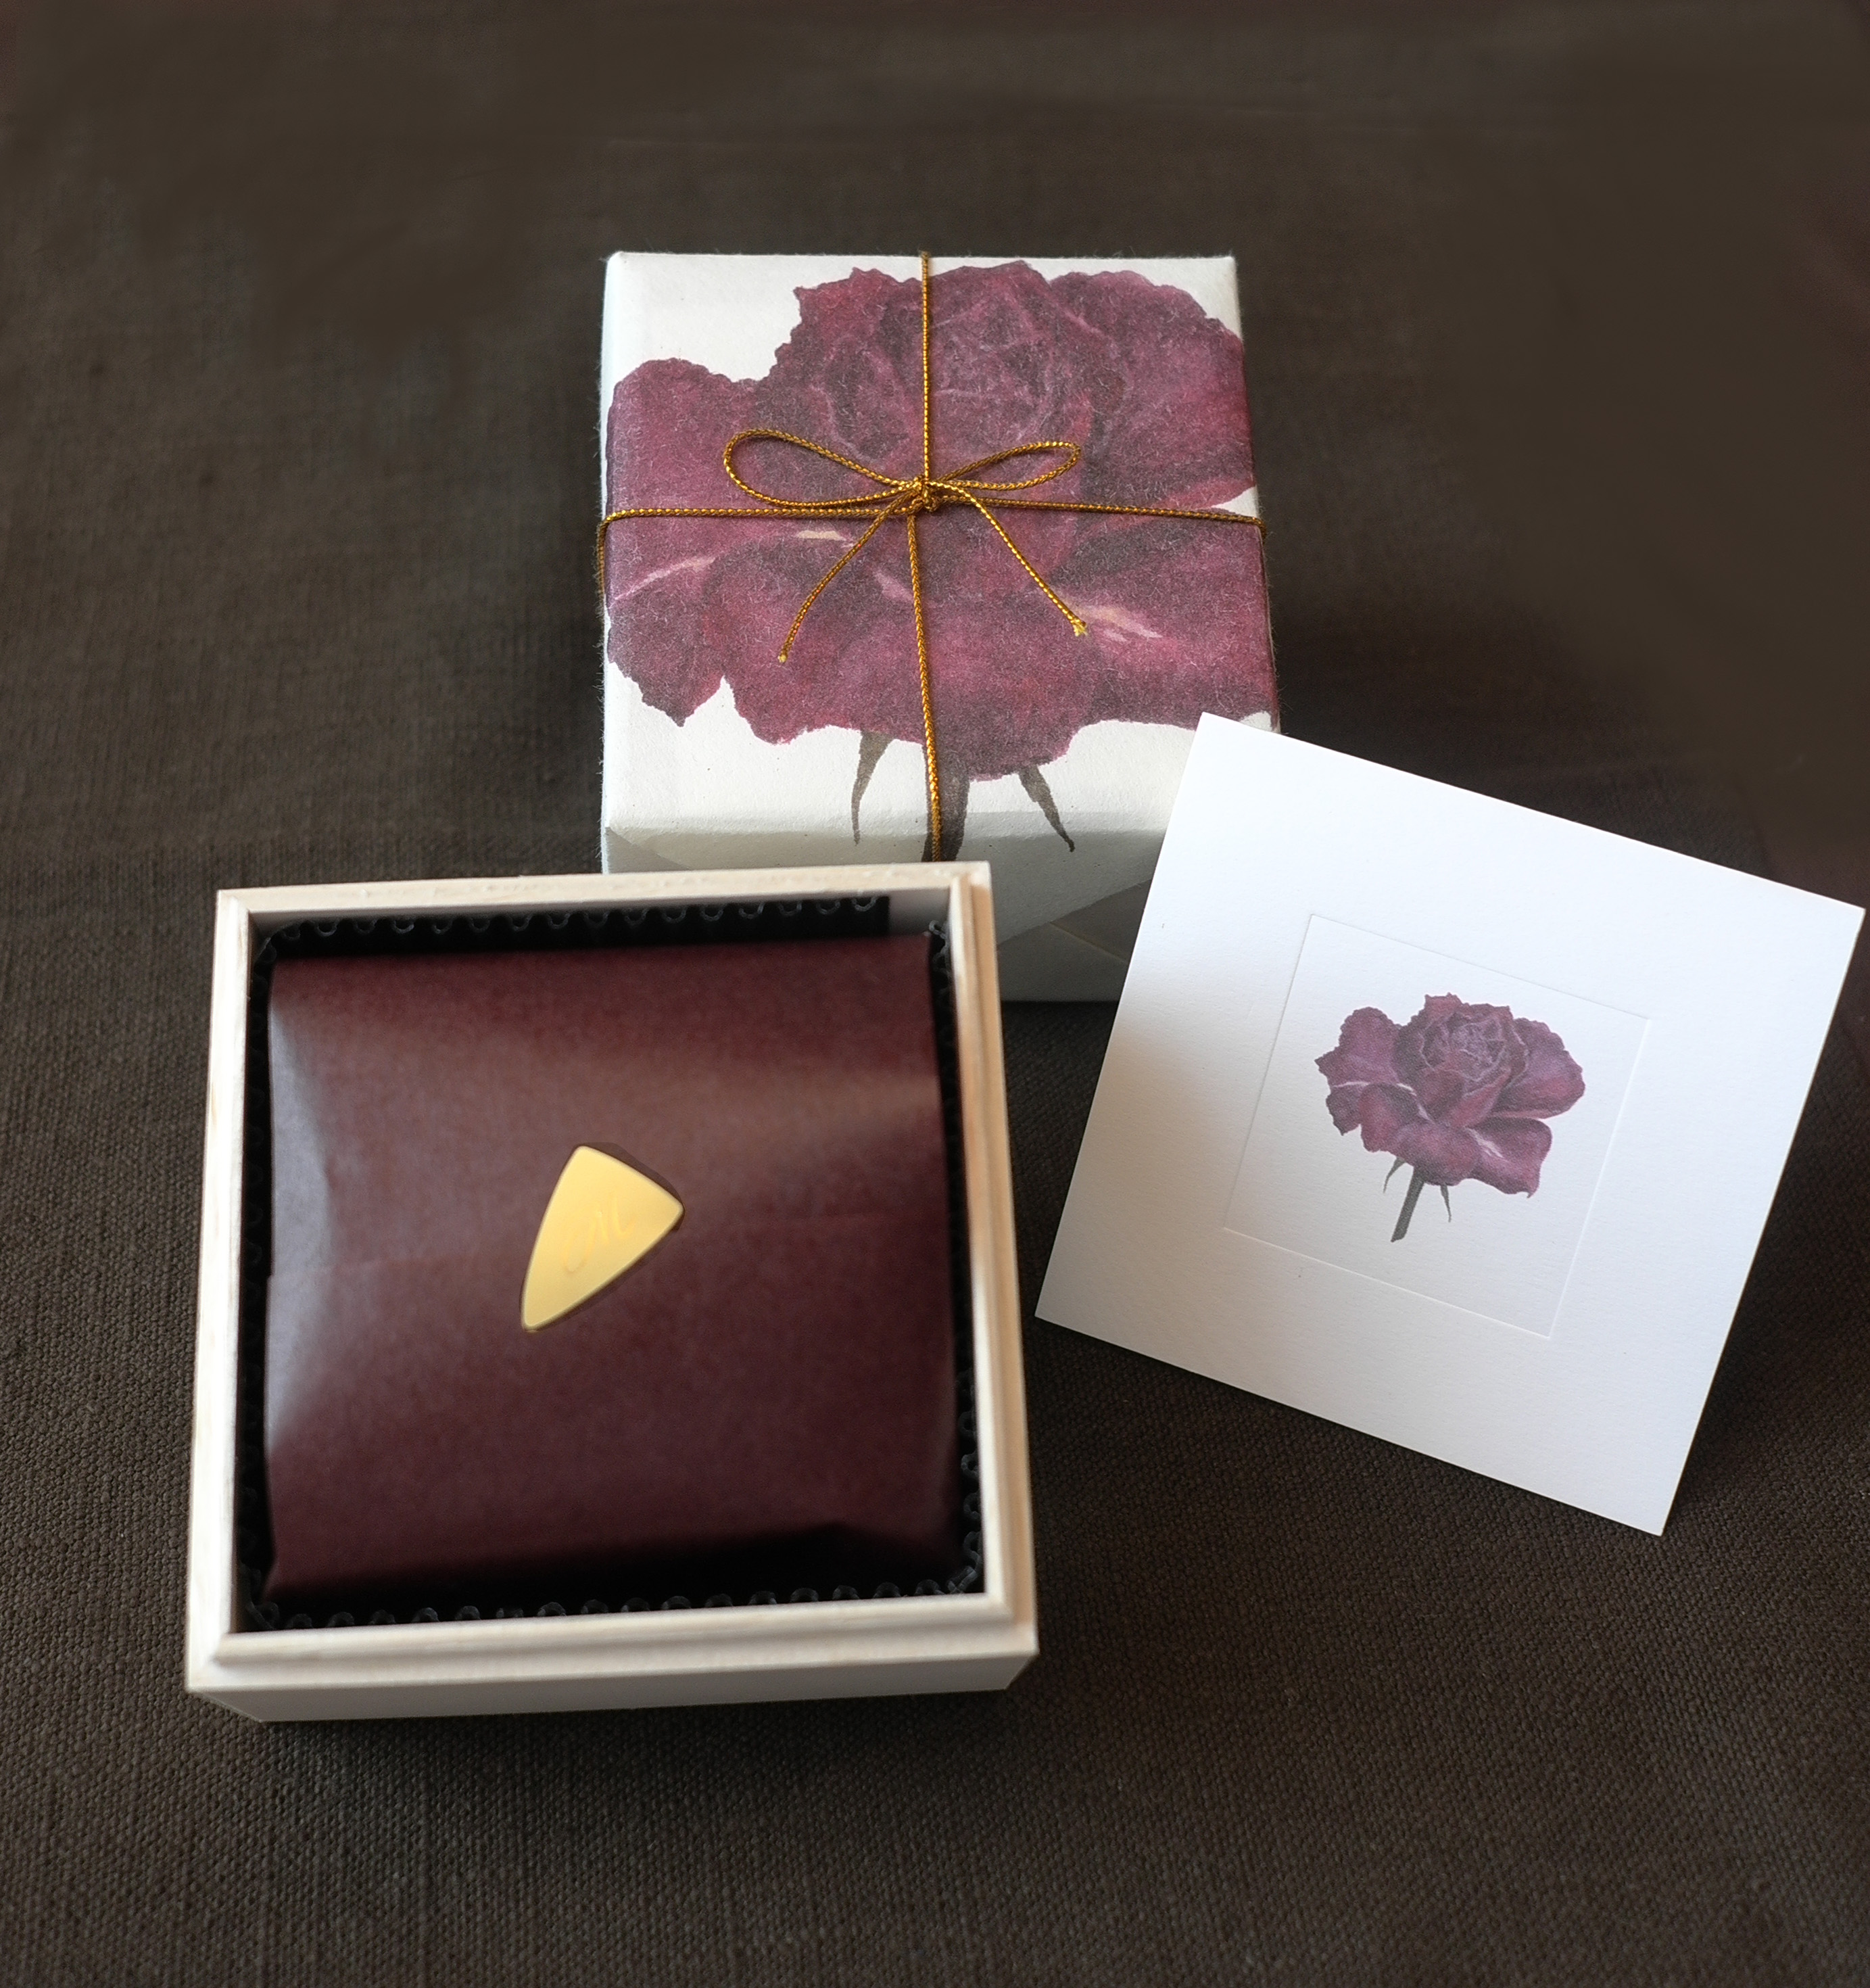 素敵な木箱入り、花のカード付きです。